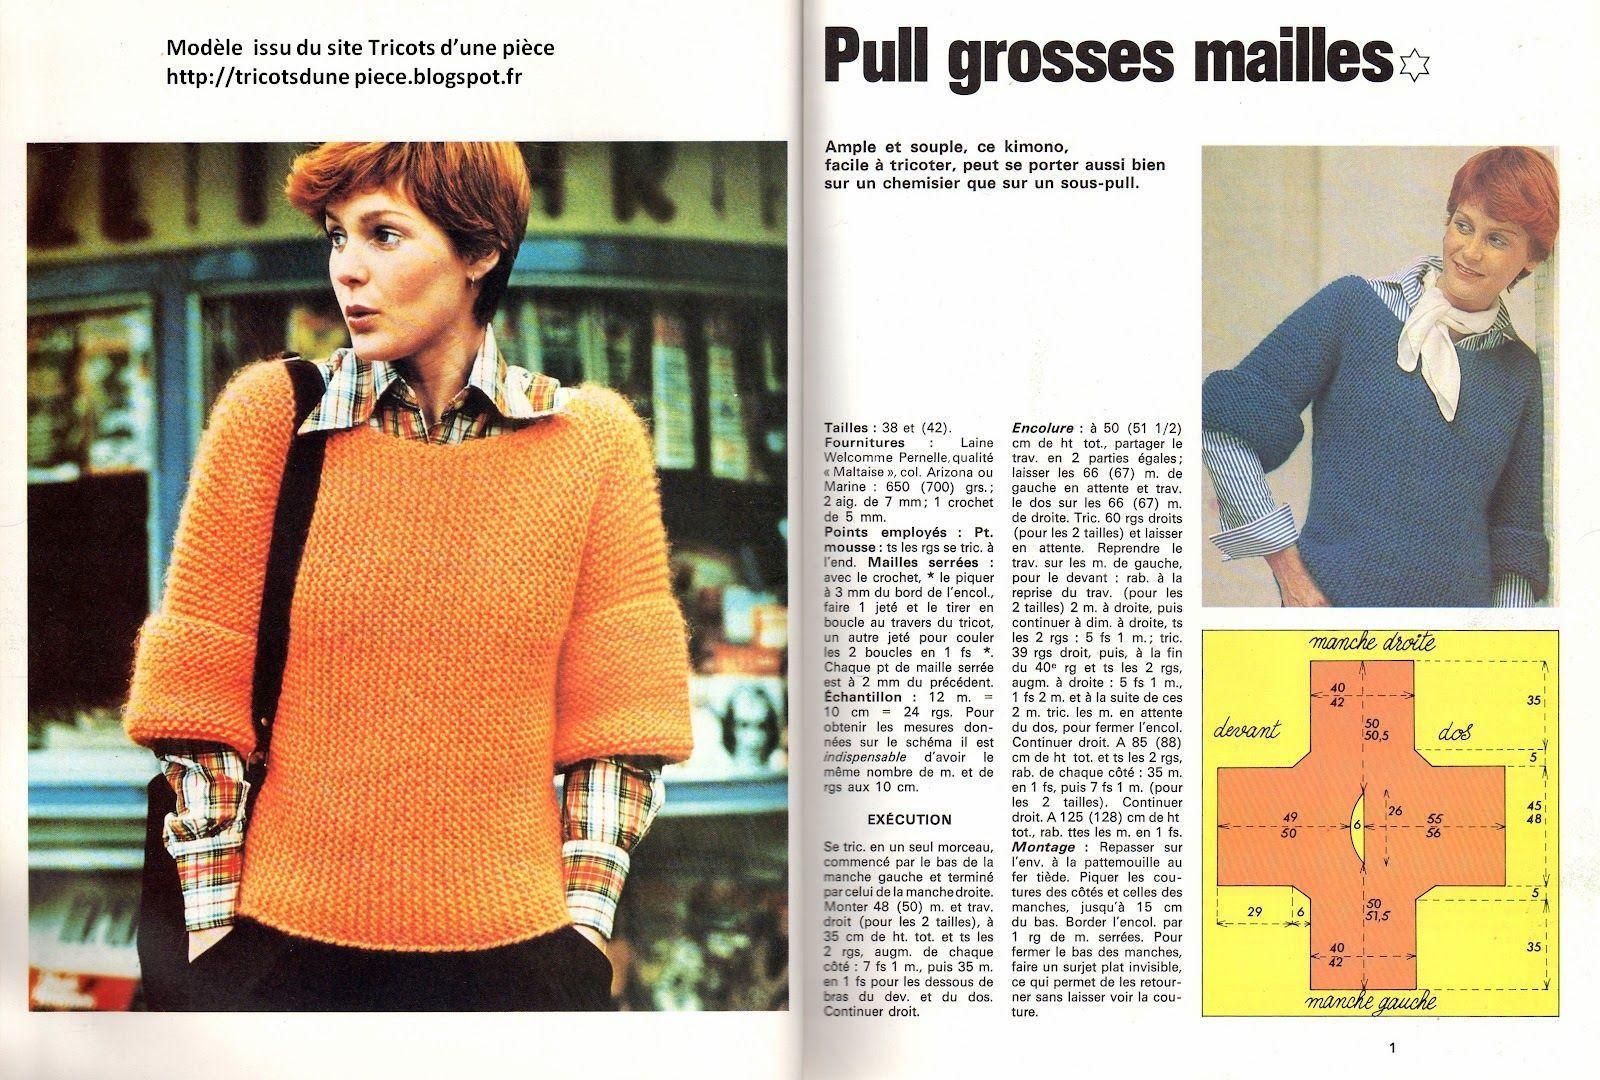 Pull+à+grosses+mailles+-+Doigts+d'or+1976.jpg 1600×1080 pixels